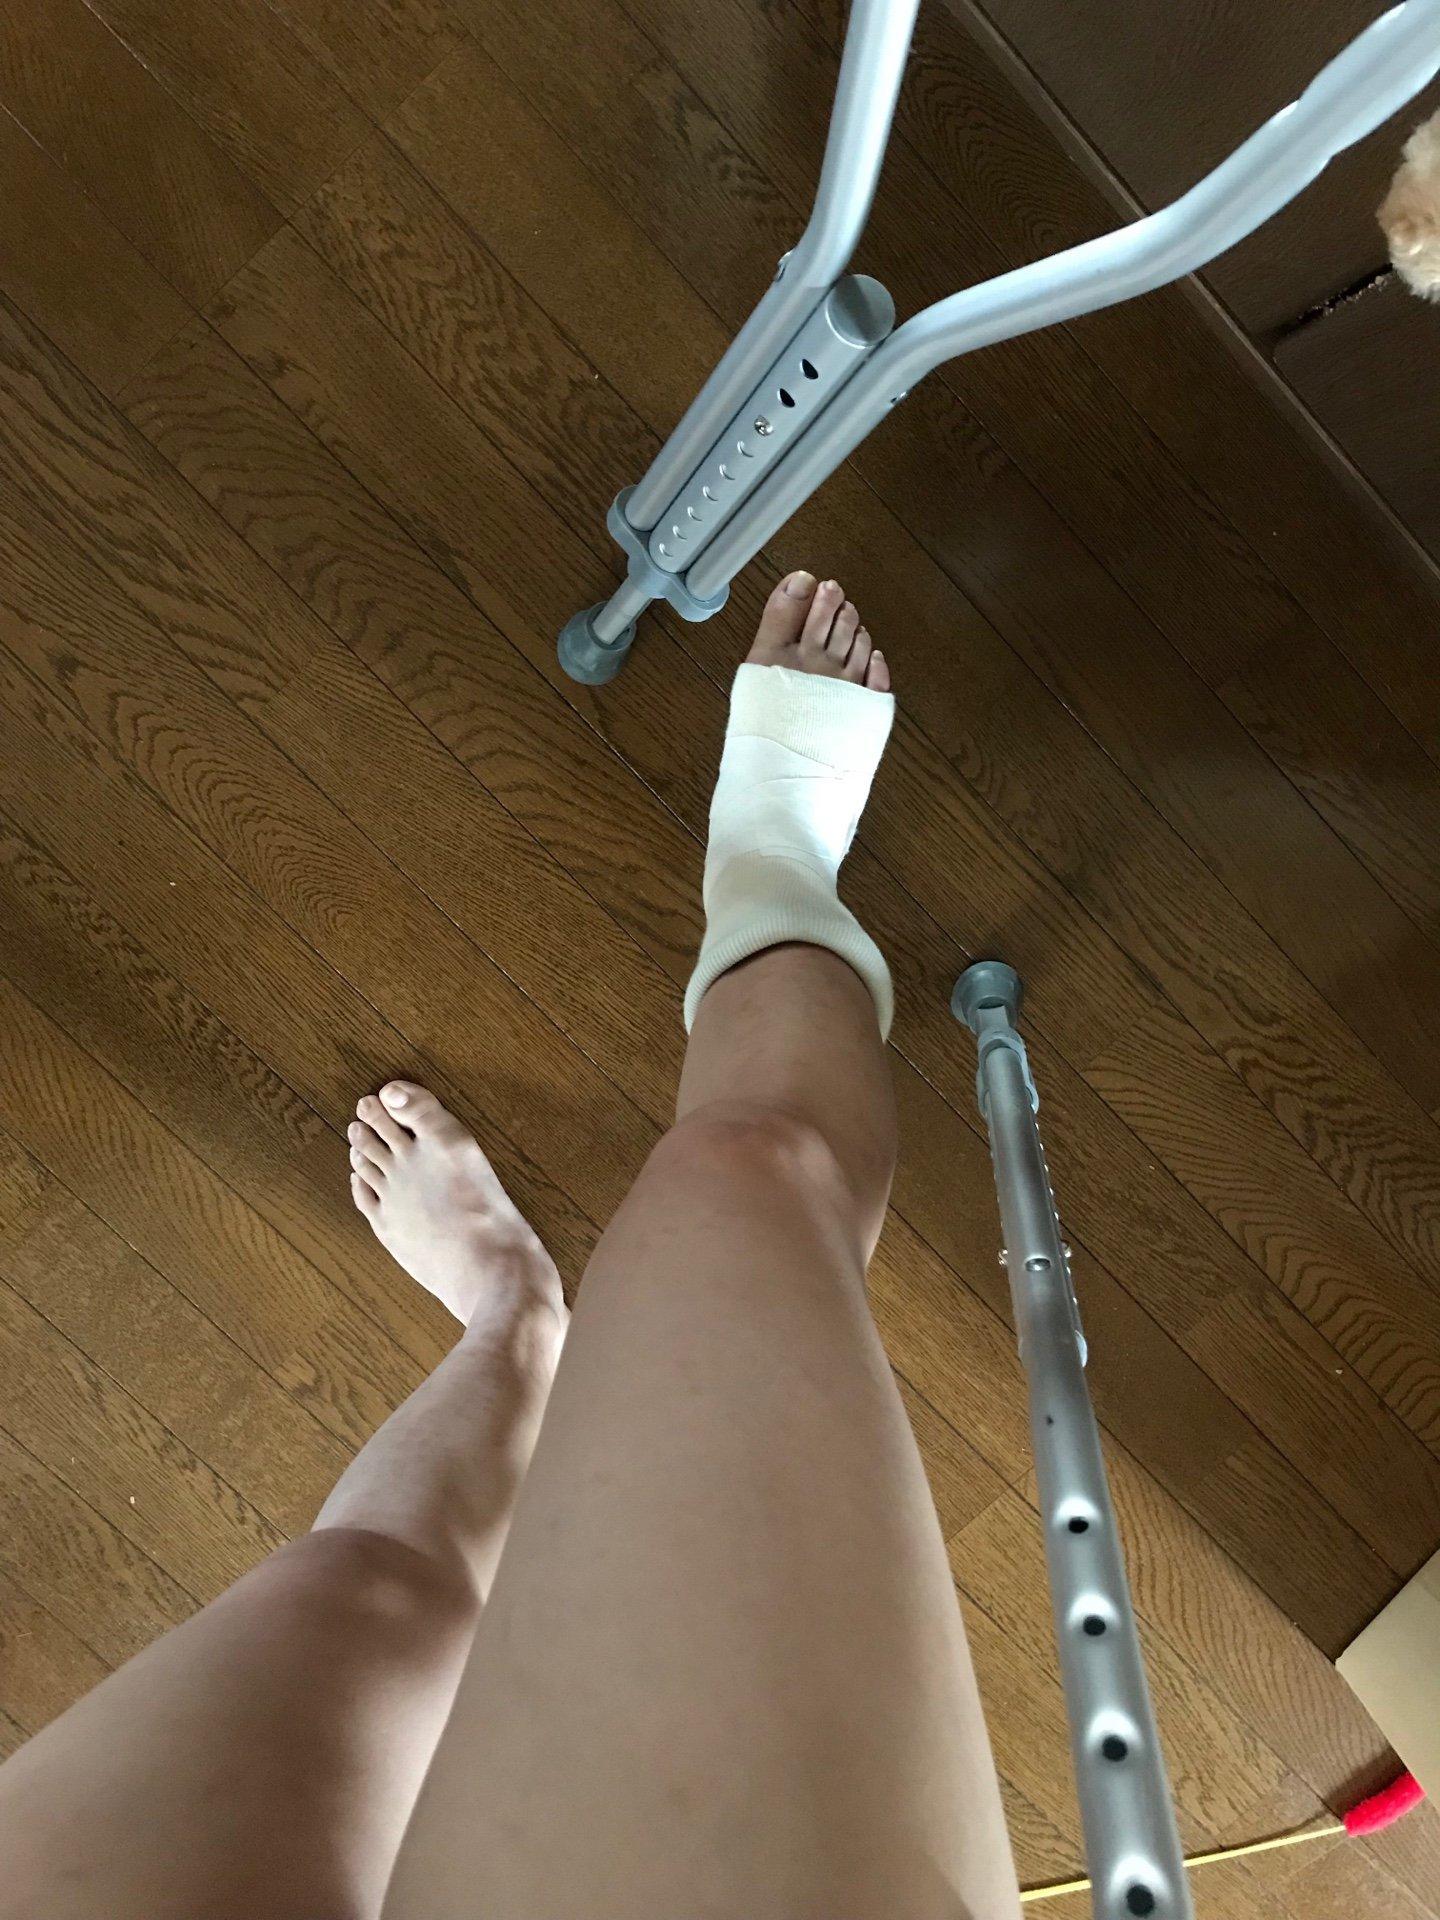 ごぶさたしてます、あしくらです。えーと…右足の甲を骨折してし…